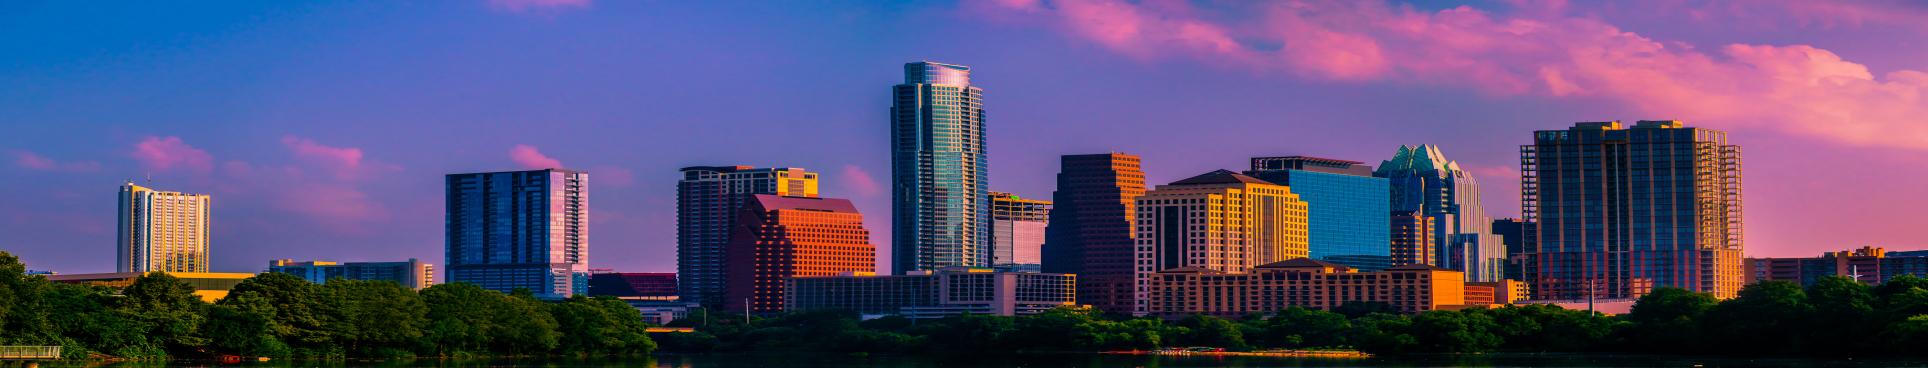 Texas pano resized